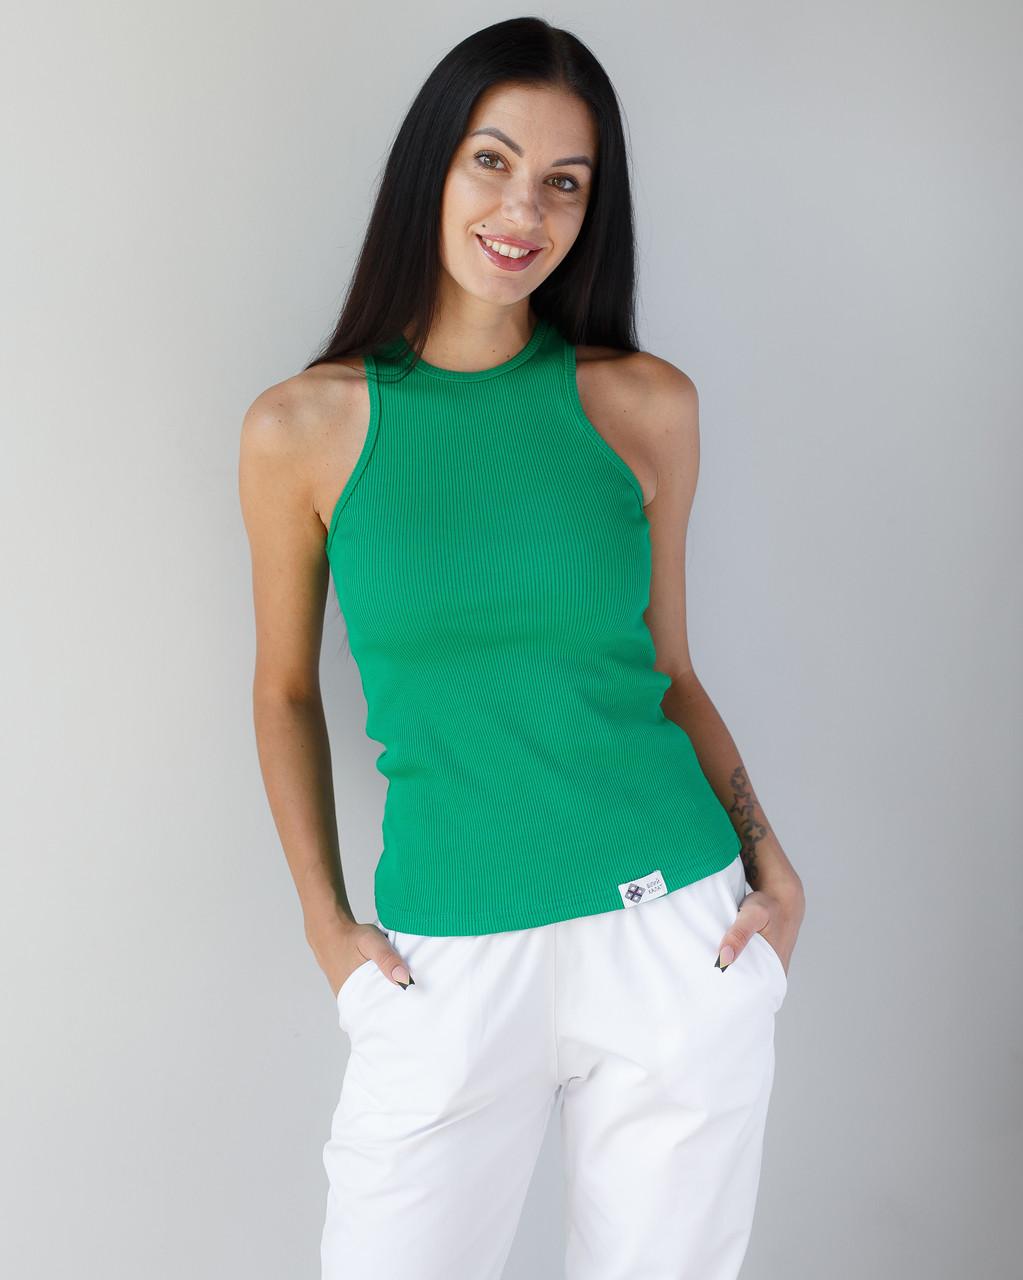 Медична майка в рубчик жіноча зелена